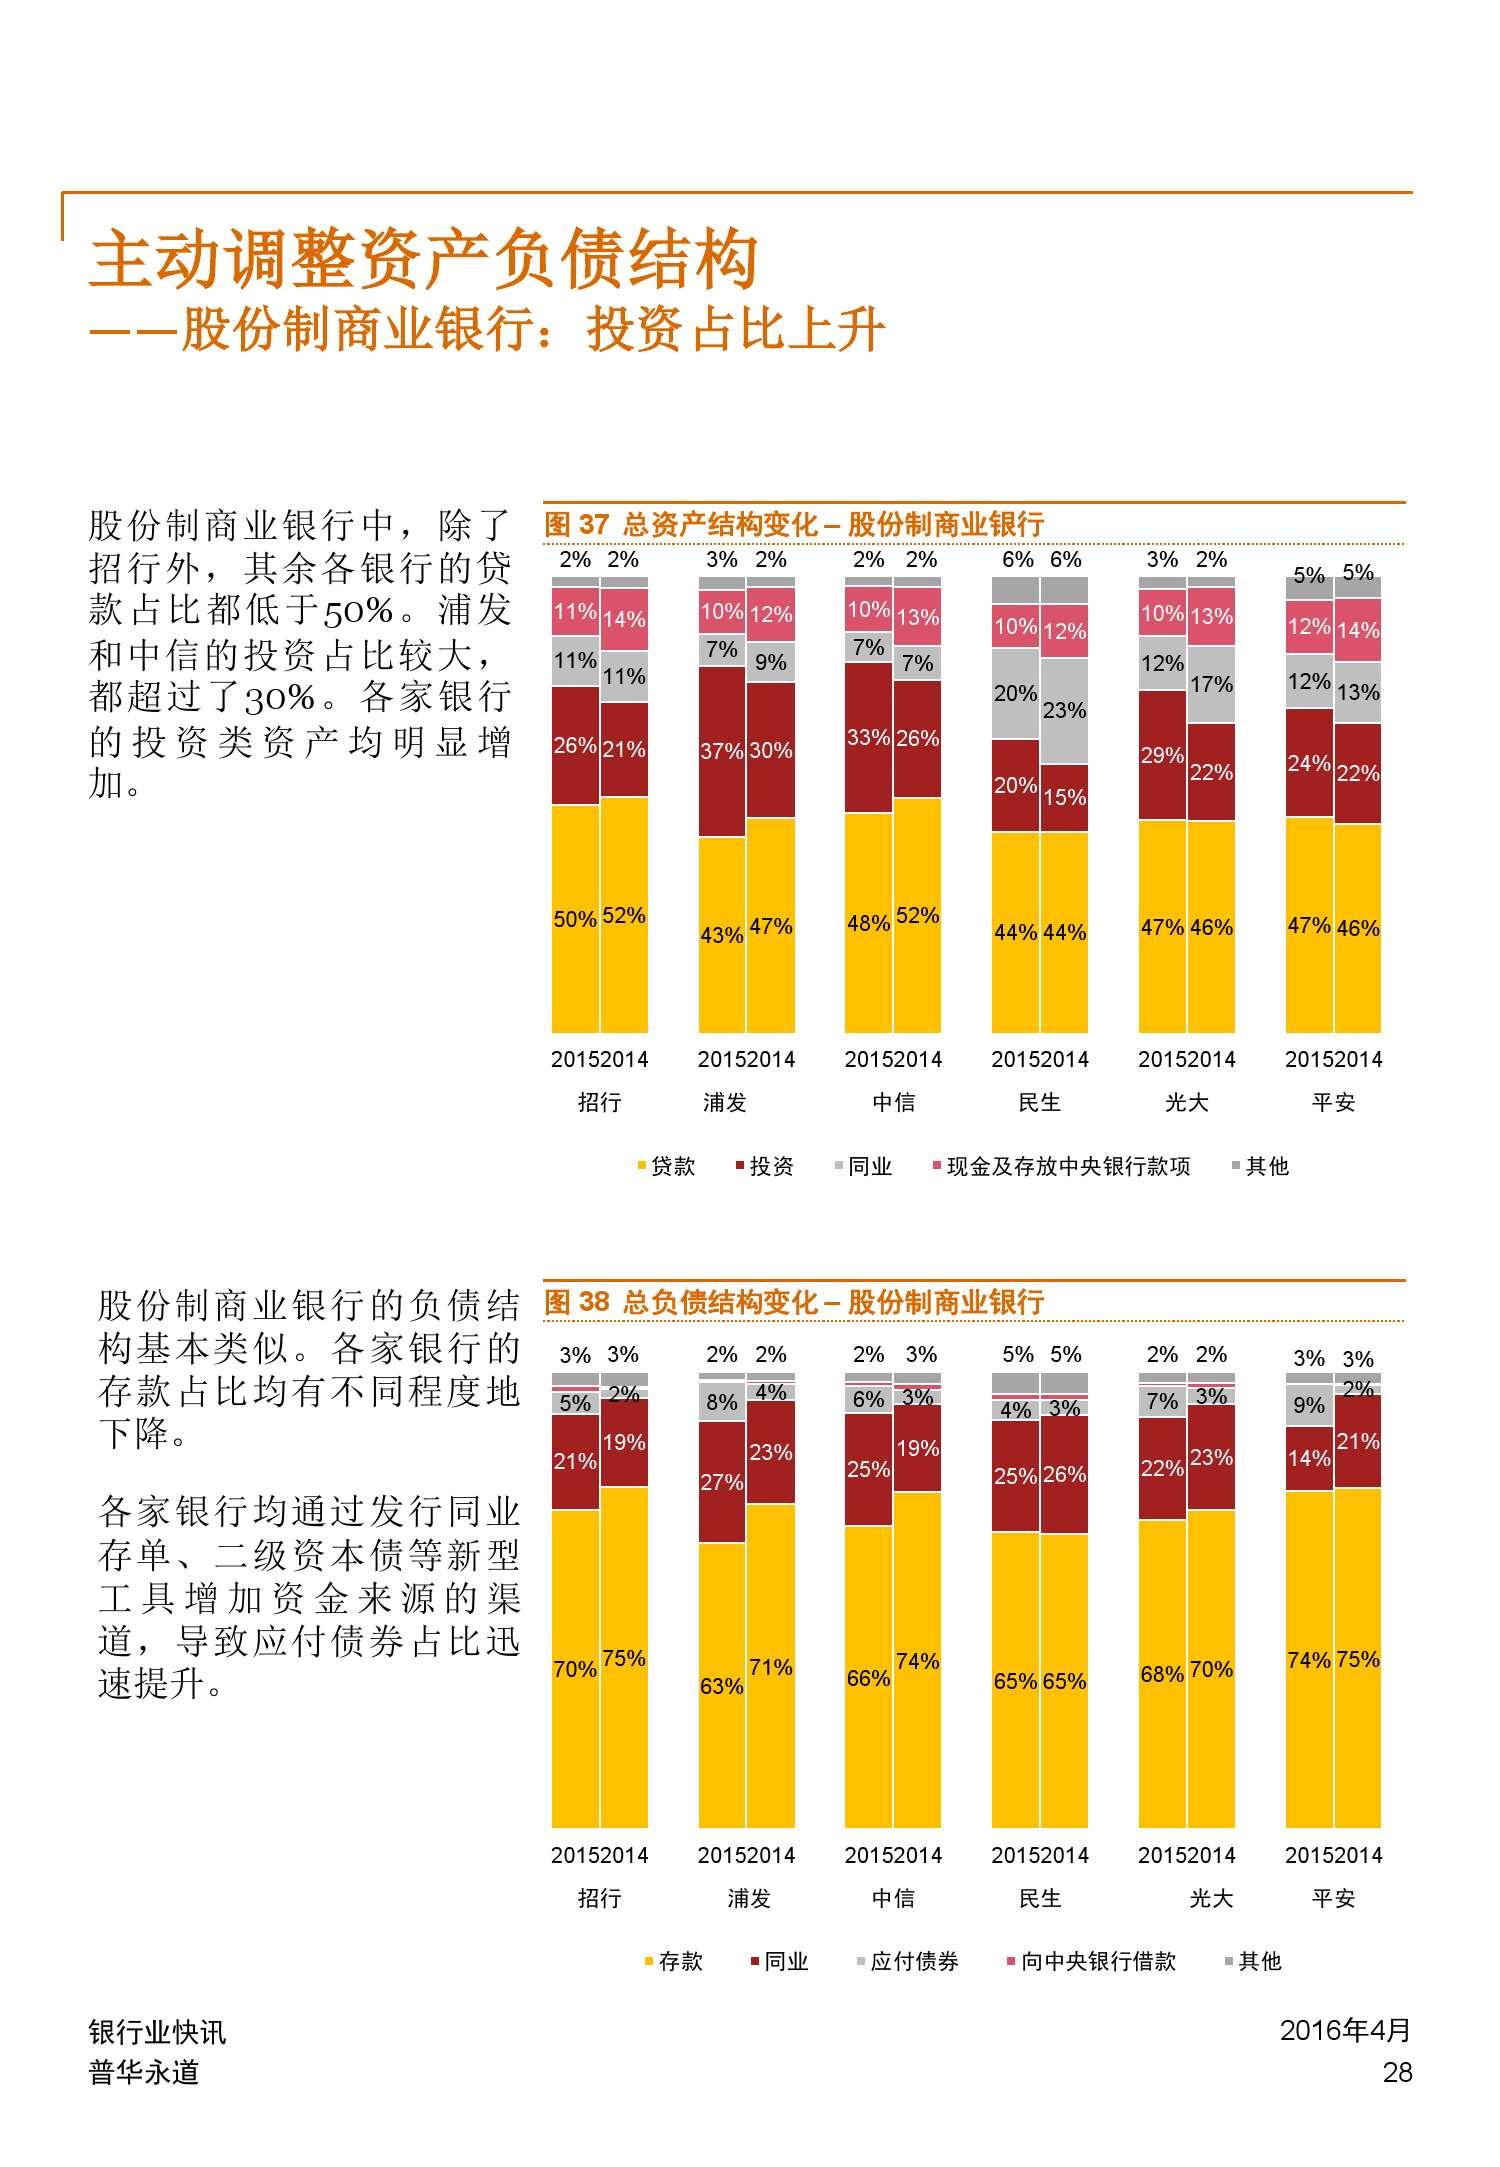 普华永道:2015年中国银行业回顾与展望_000028